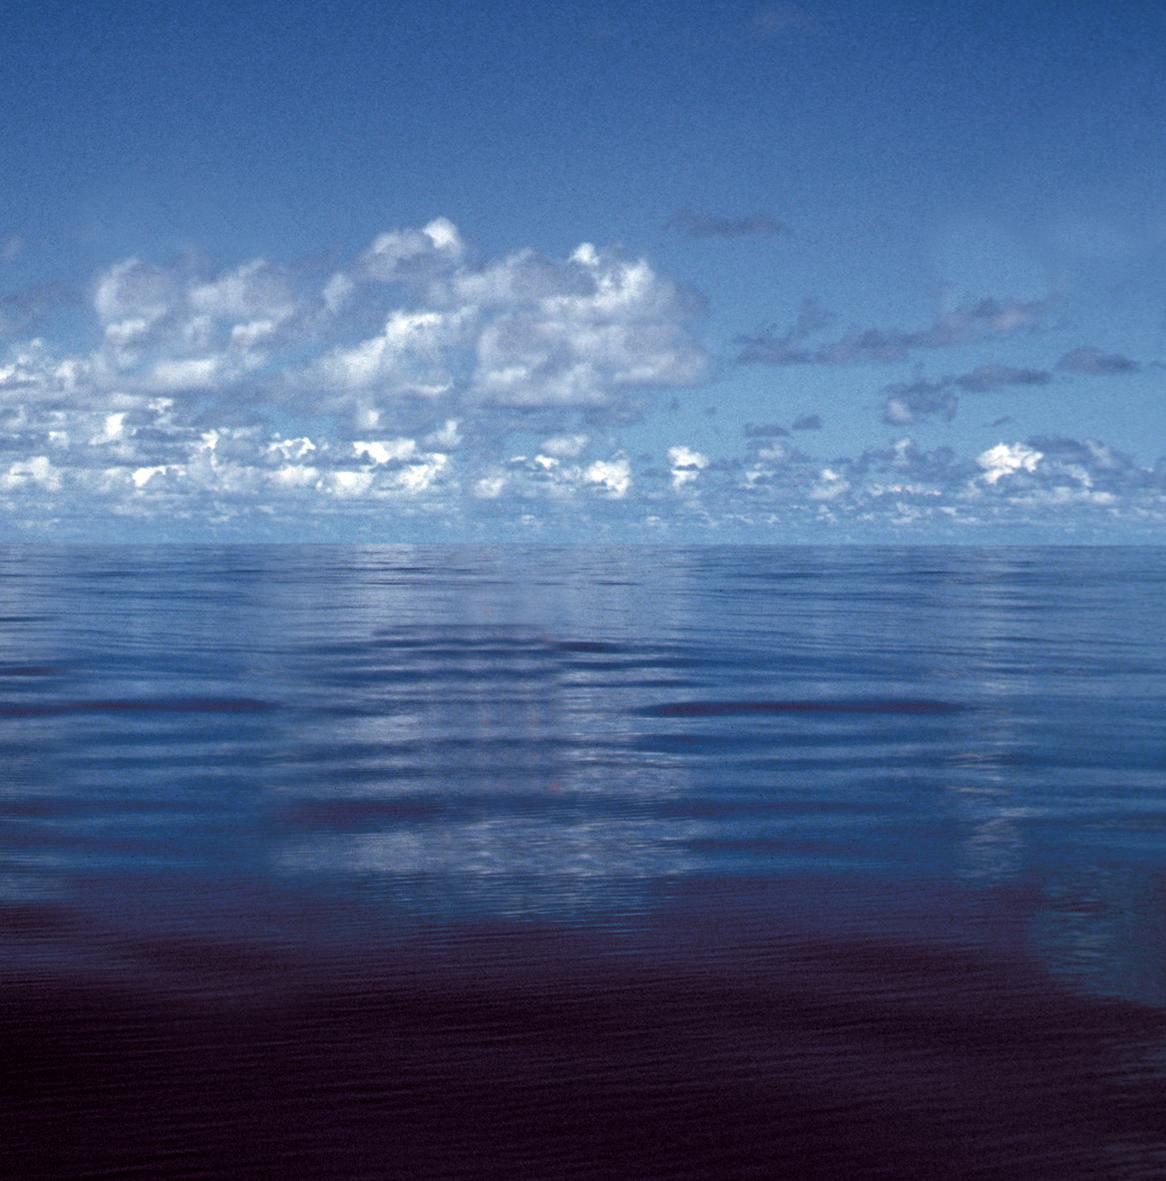 calm ocean with cloudy sky